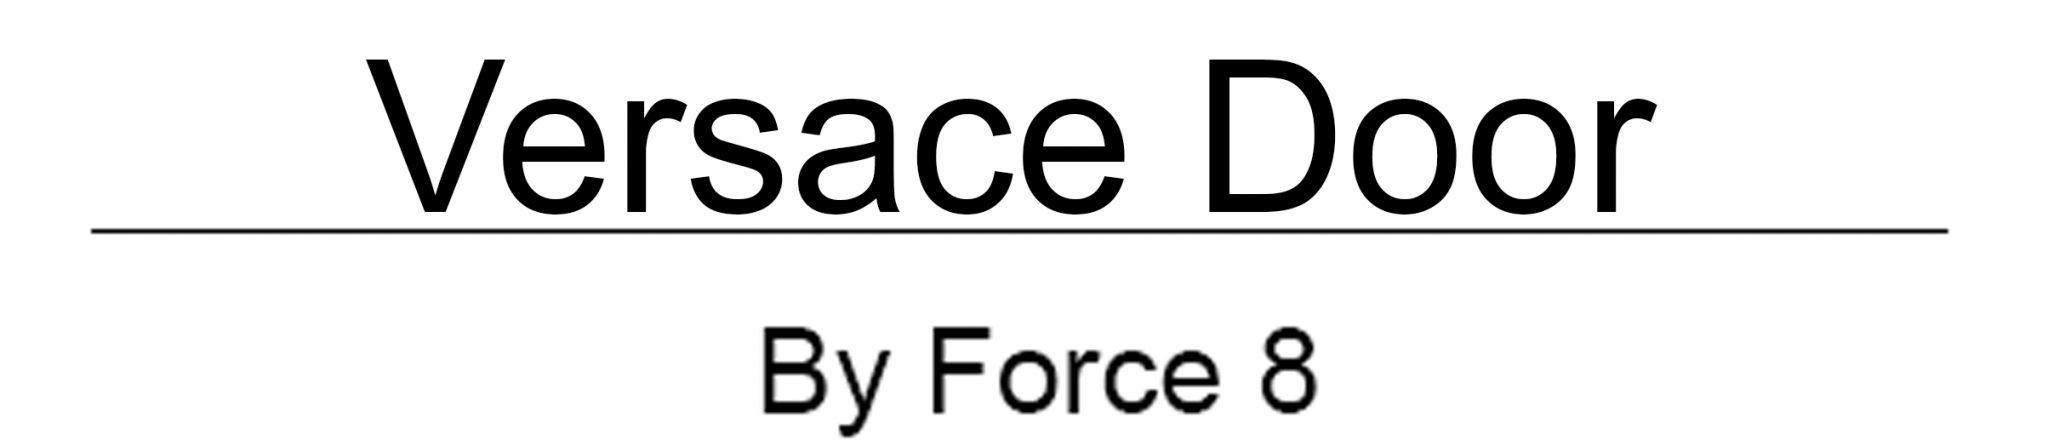 Versace Door